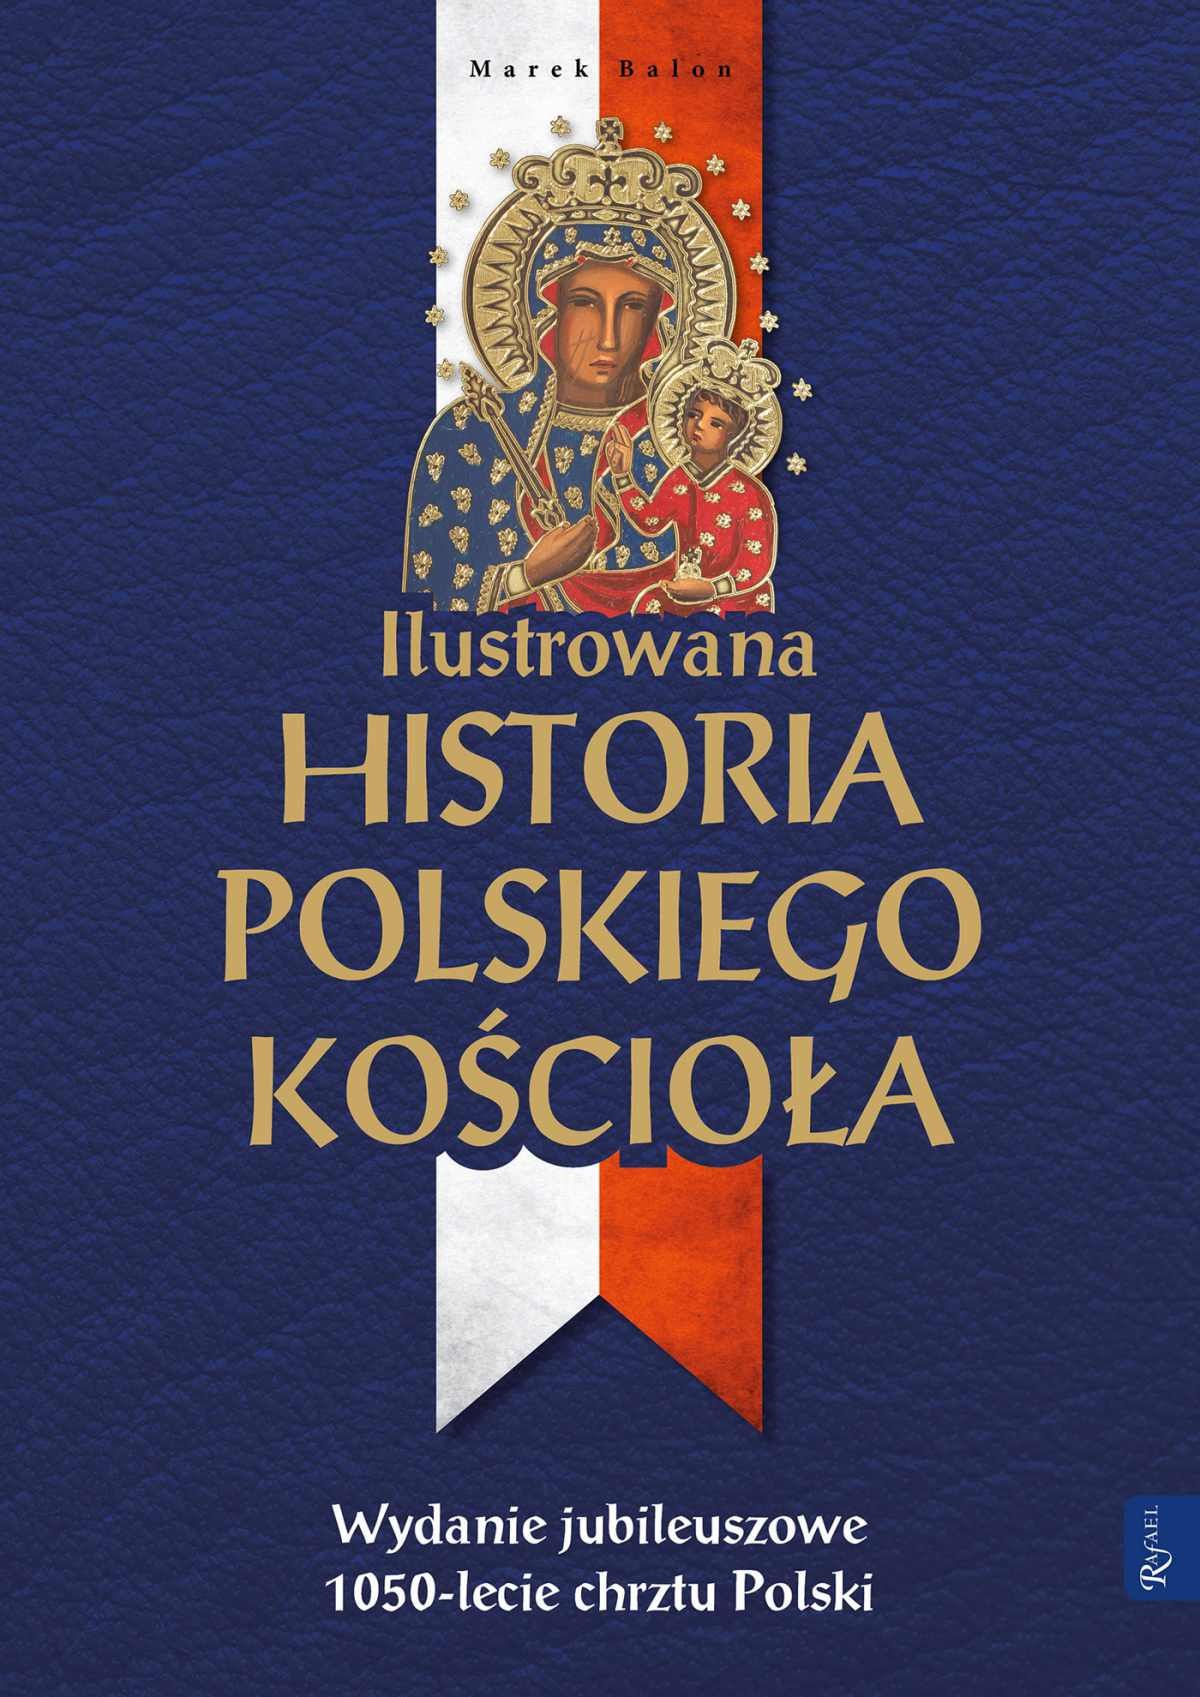 Ilustrowana historia polskiego Kościoła - Ebook (Książka EPUB) do pobrania w formacie EPUB